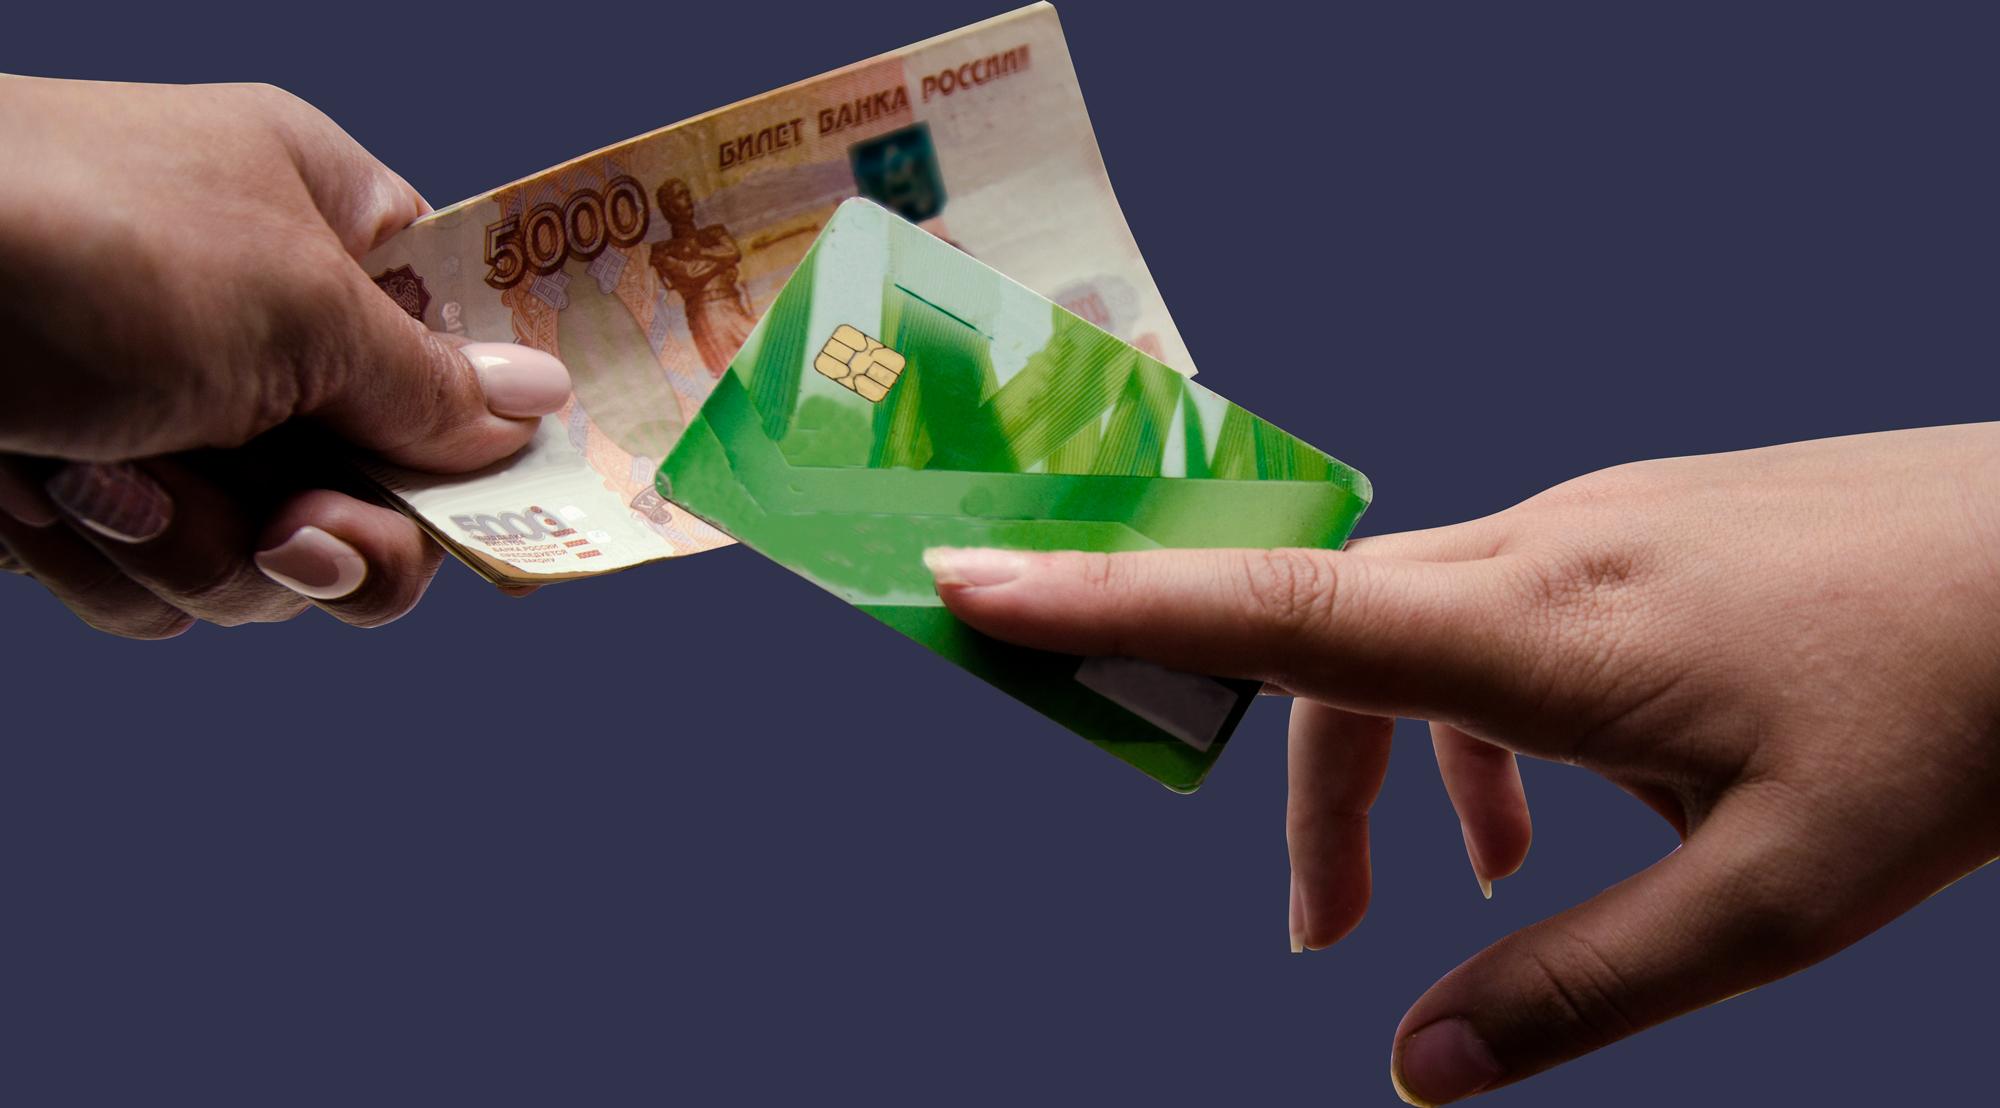 Усилился контроль за переводами с карт: когда нужно платить налог и за что могут списать средства со счёта